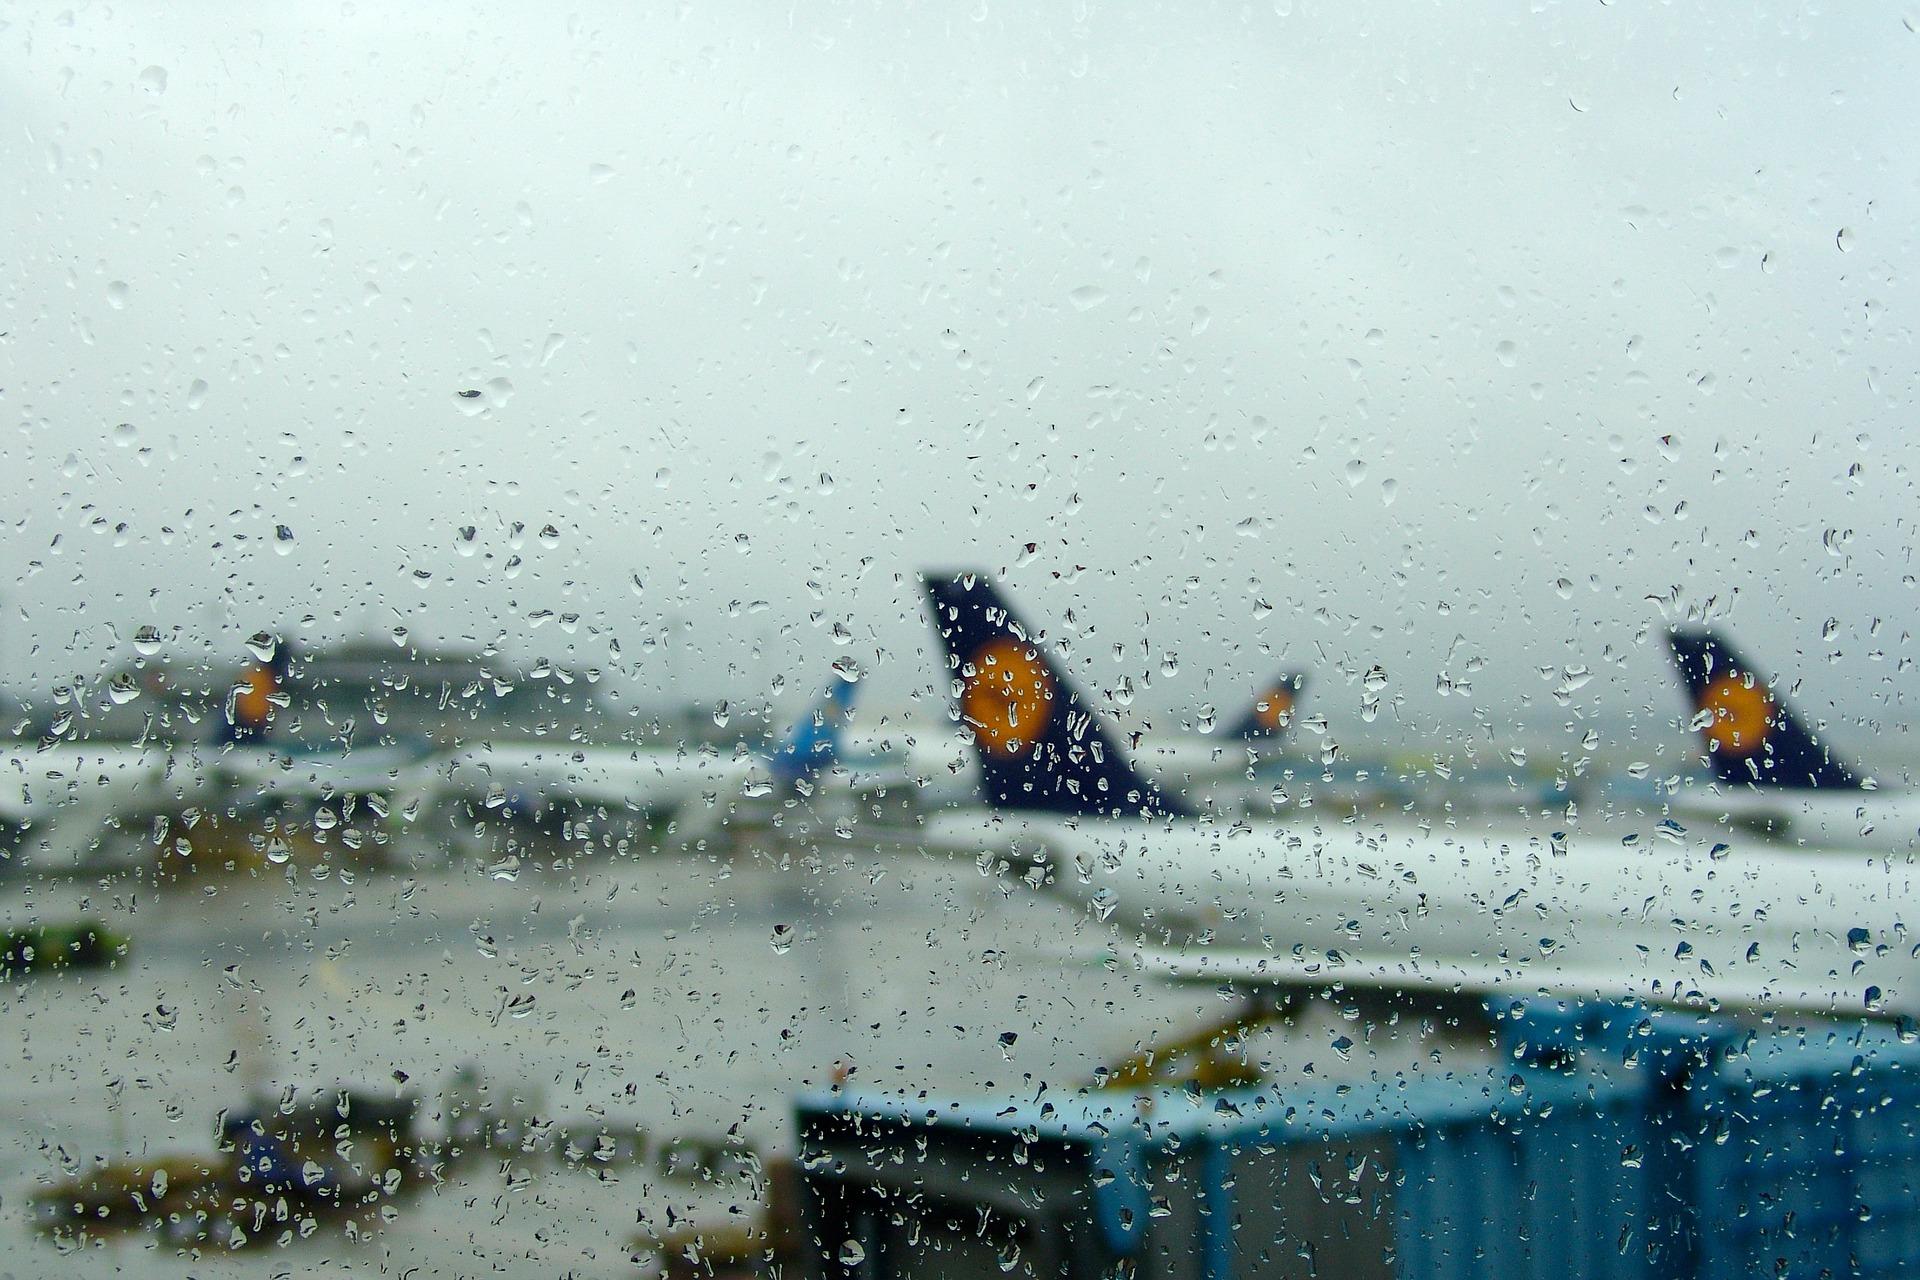 Flugzeuge am Flughafen Berlin